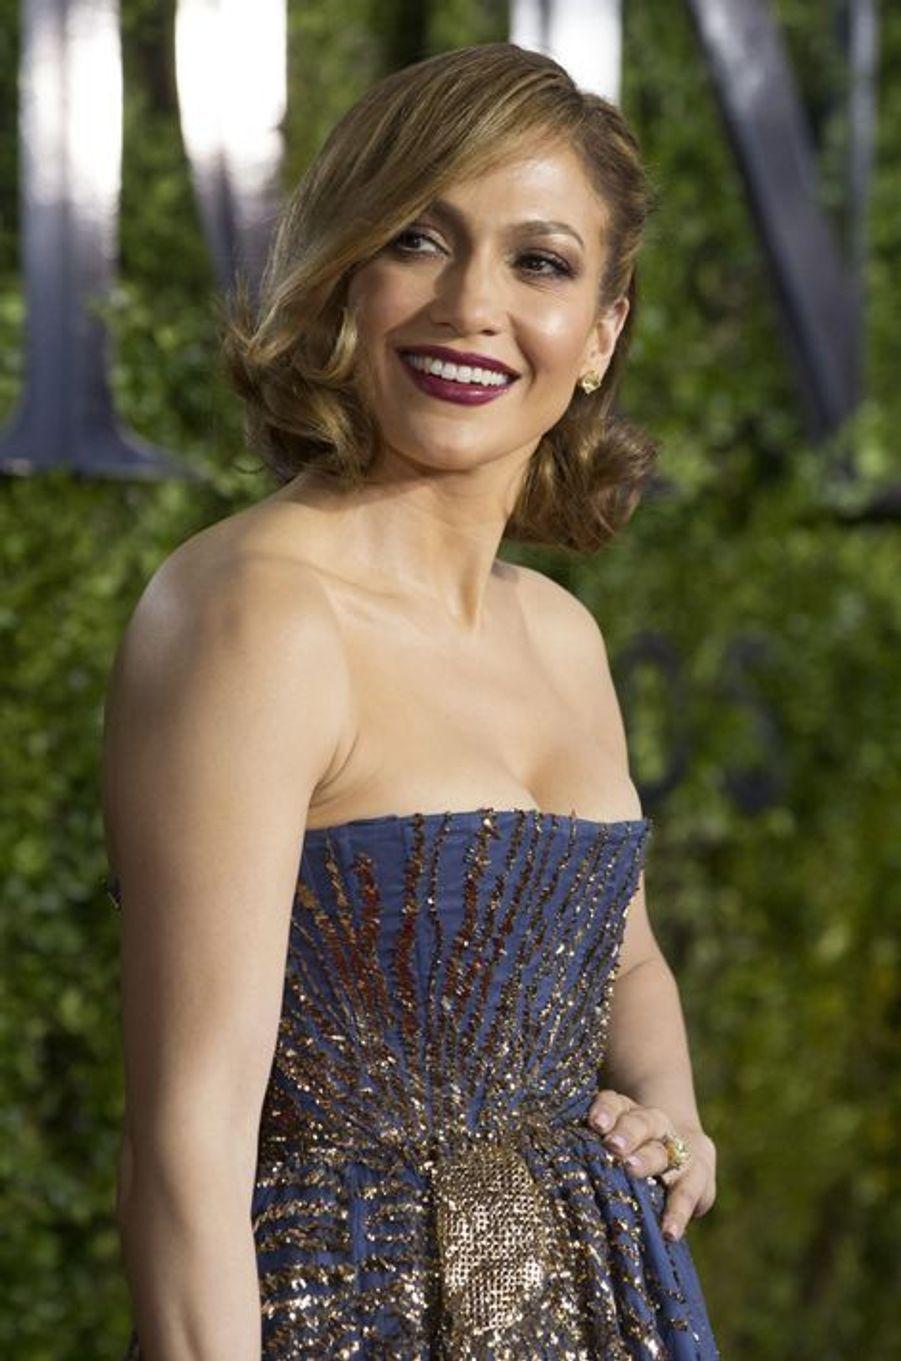 Il s'agit de Jennifer Lopez